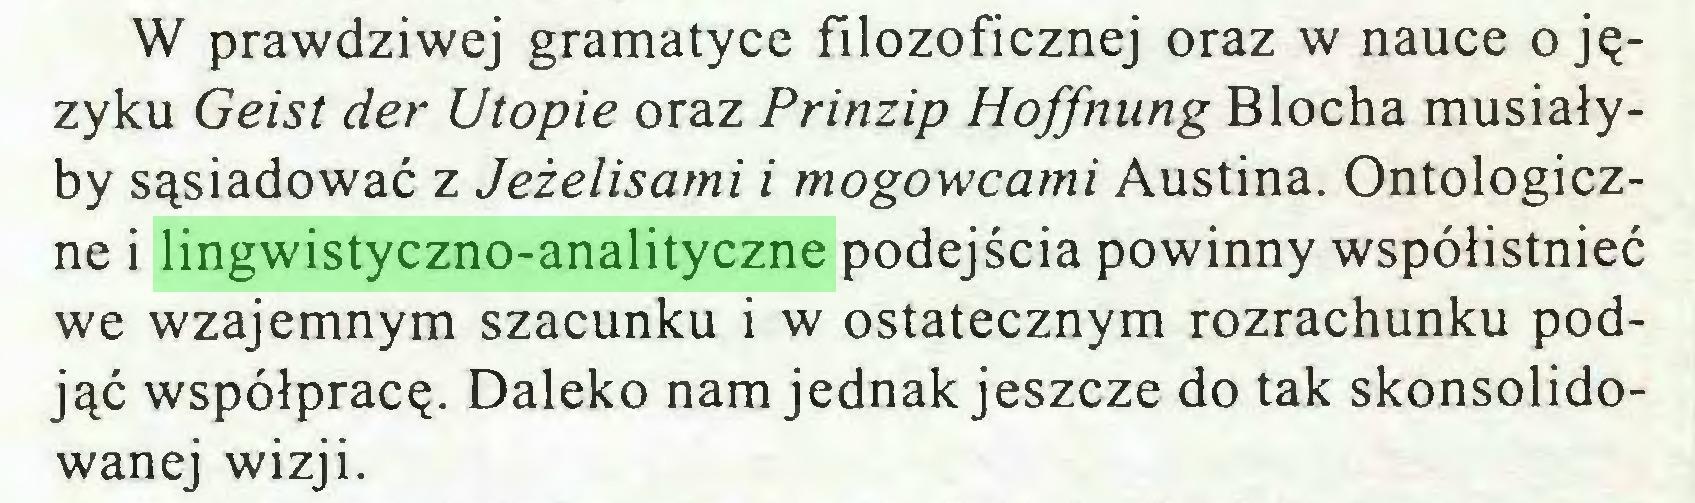 (...) W prawdziwej gramatyce filozoficznej oraz w nauce o języku Geist der Utopie oraz Prinzip Hoffnung Blocha musiałyby sąsiadować z Jeżelisami i mogowcami Austina. Ontologiczne i lingwistyczno-analityczne podejścia powinny współistnieć we wzajemnym szacunku i w ostatecznym rozrachunku podjąć współpracę. Daleko nam jednak jeszcze do tak skonsolidowanej wizji...